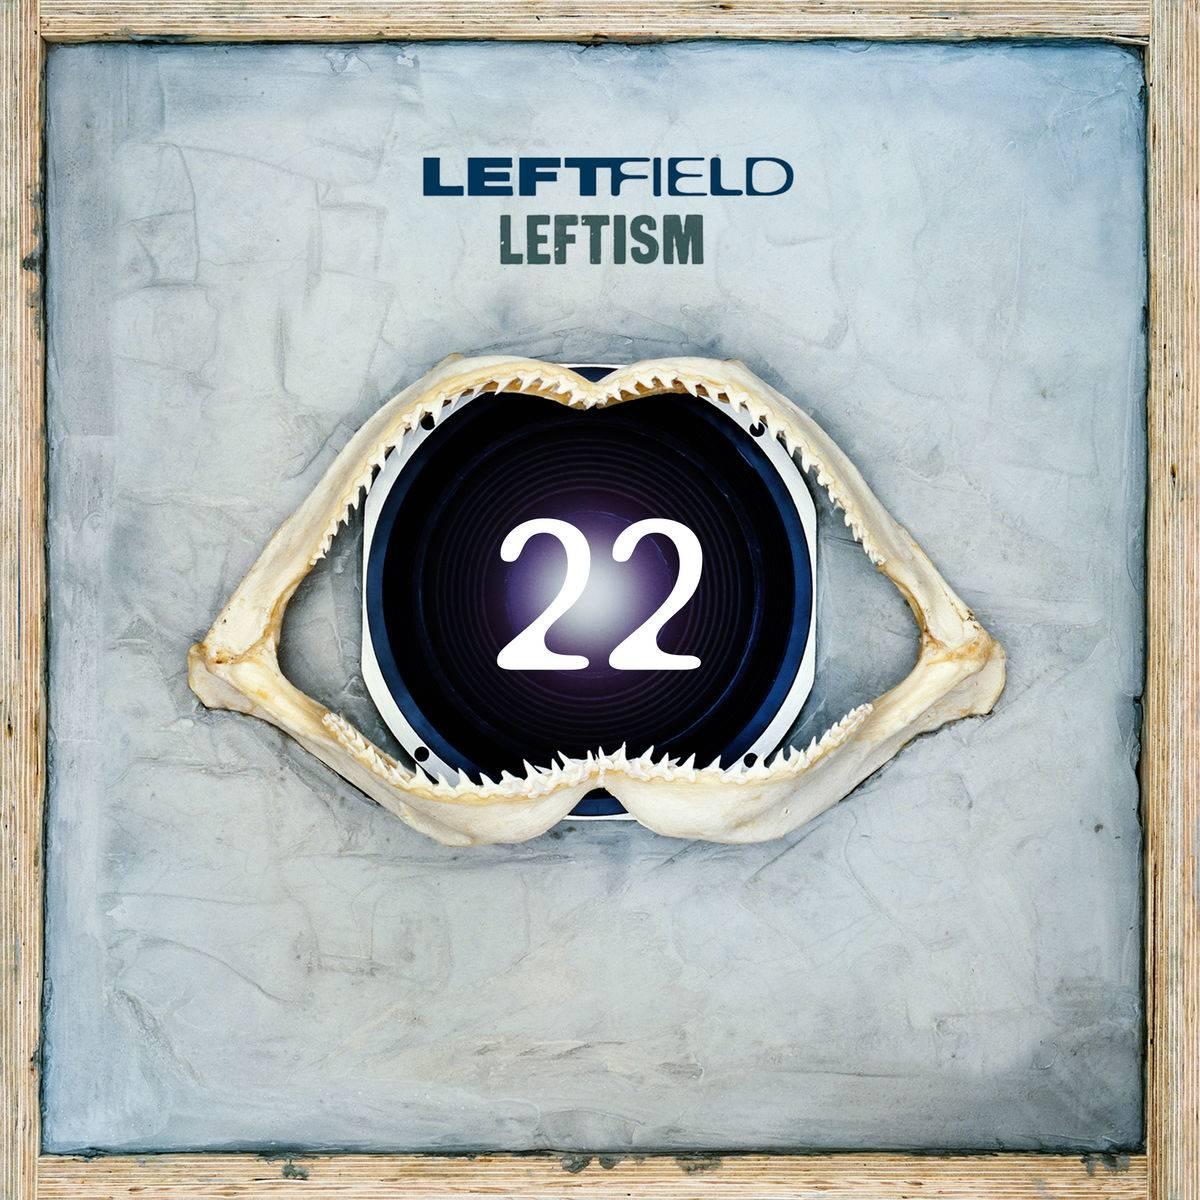 Leftfield - Leftism 22 (1995) [Reissue 2017] (Official Digital Download)